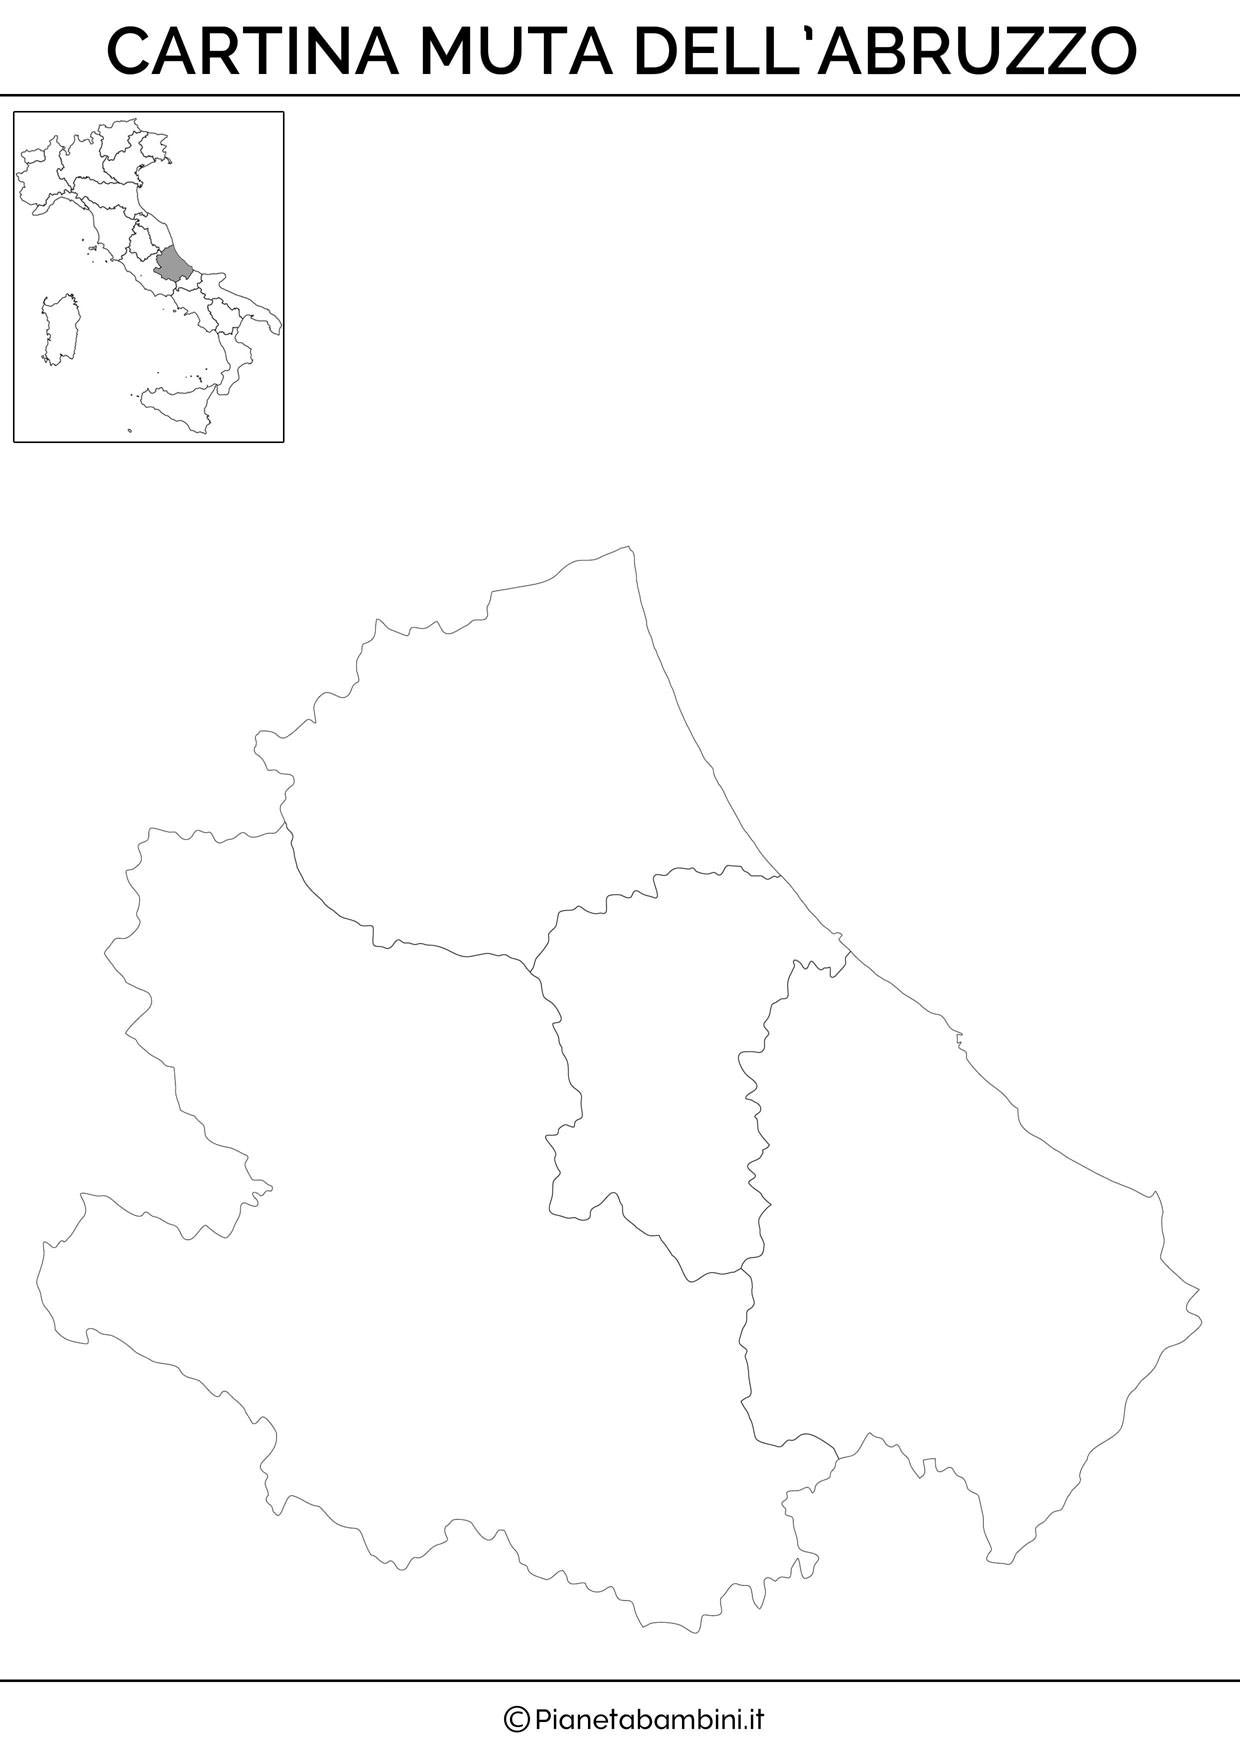 Cartina muta fisica e politica dell 39 abruzzo da stampare - Mappa dell inghilterra per i bambini ...